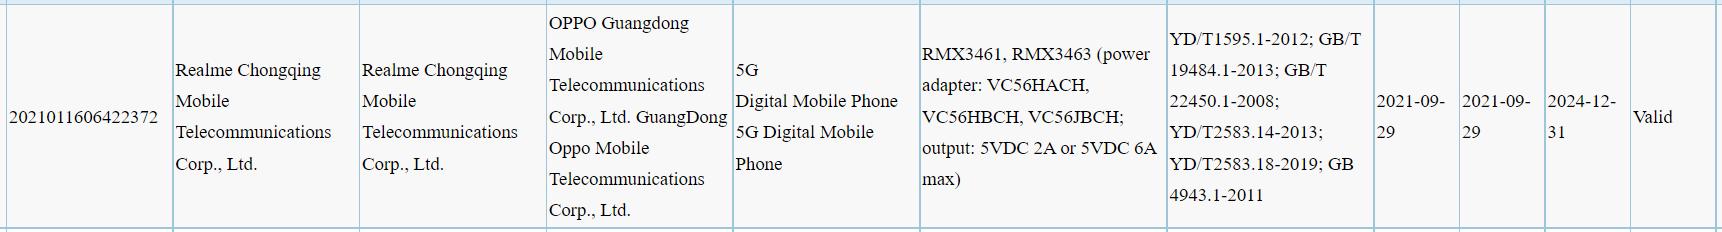 El Realme Q3 supuestamente usará el Snapdragon 778G, se certifica con carga de 30W